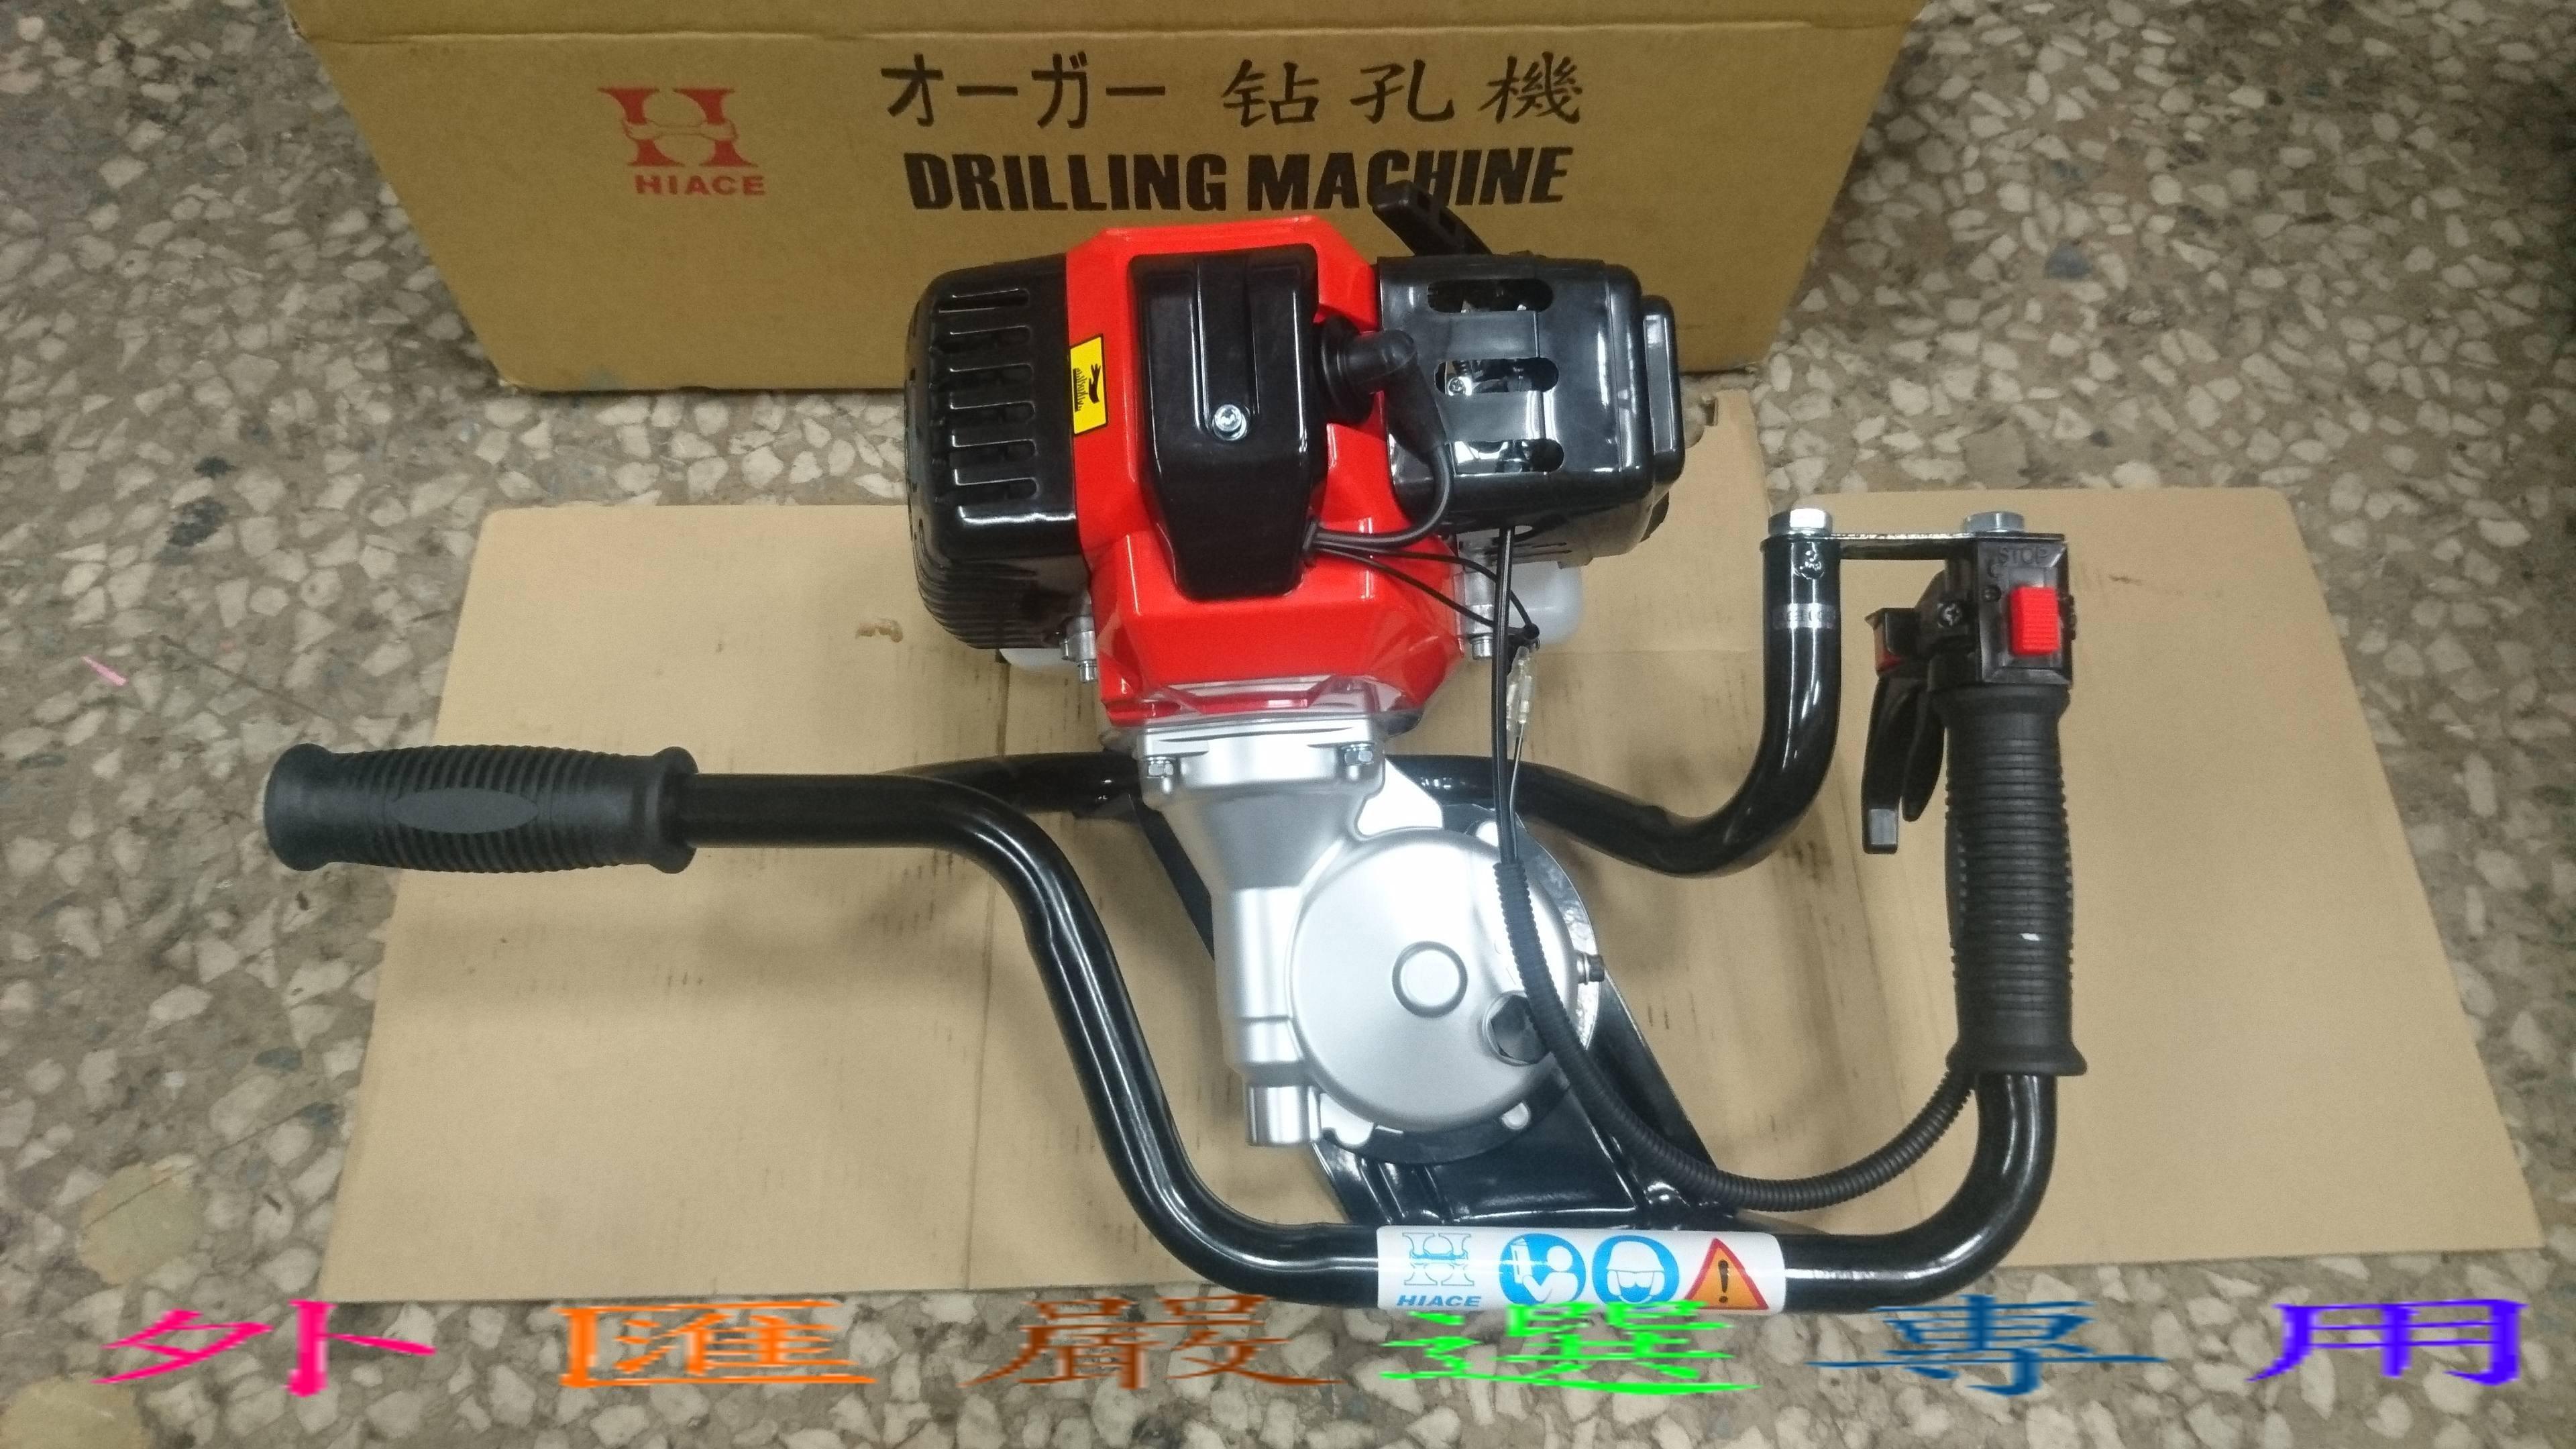 外匯嚴選 台灣製 50CC 二行程引擎 鑽孔機  挖孔機 挖土機 全新公司貨